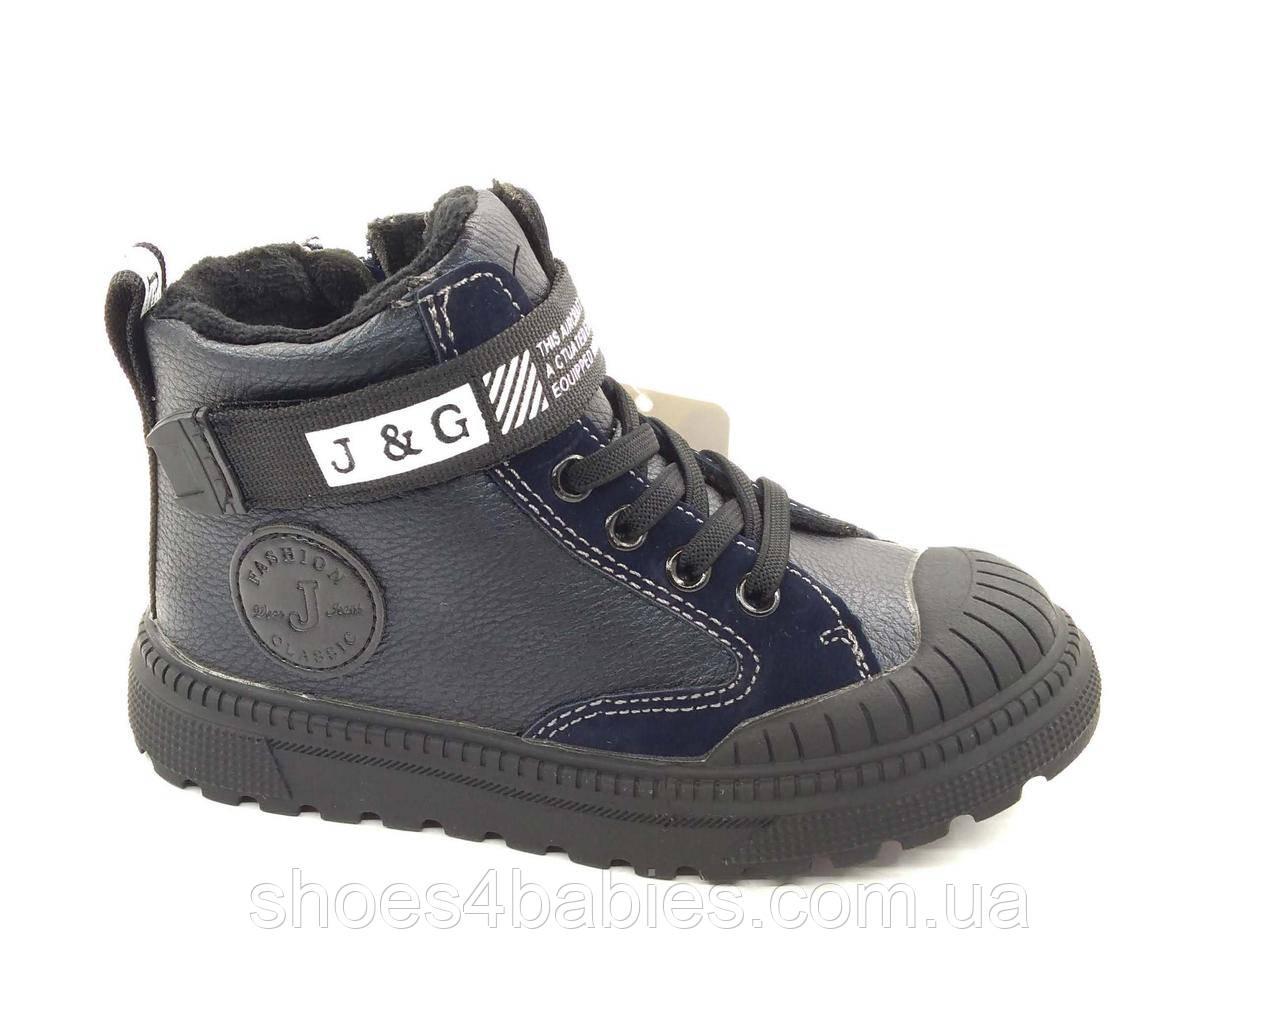 Демісезонні черевики з захищеним носком р. 23, 28